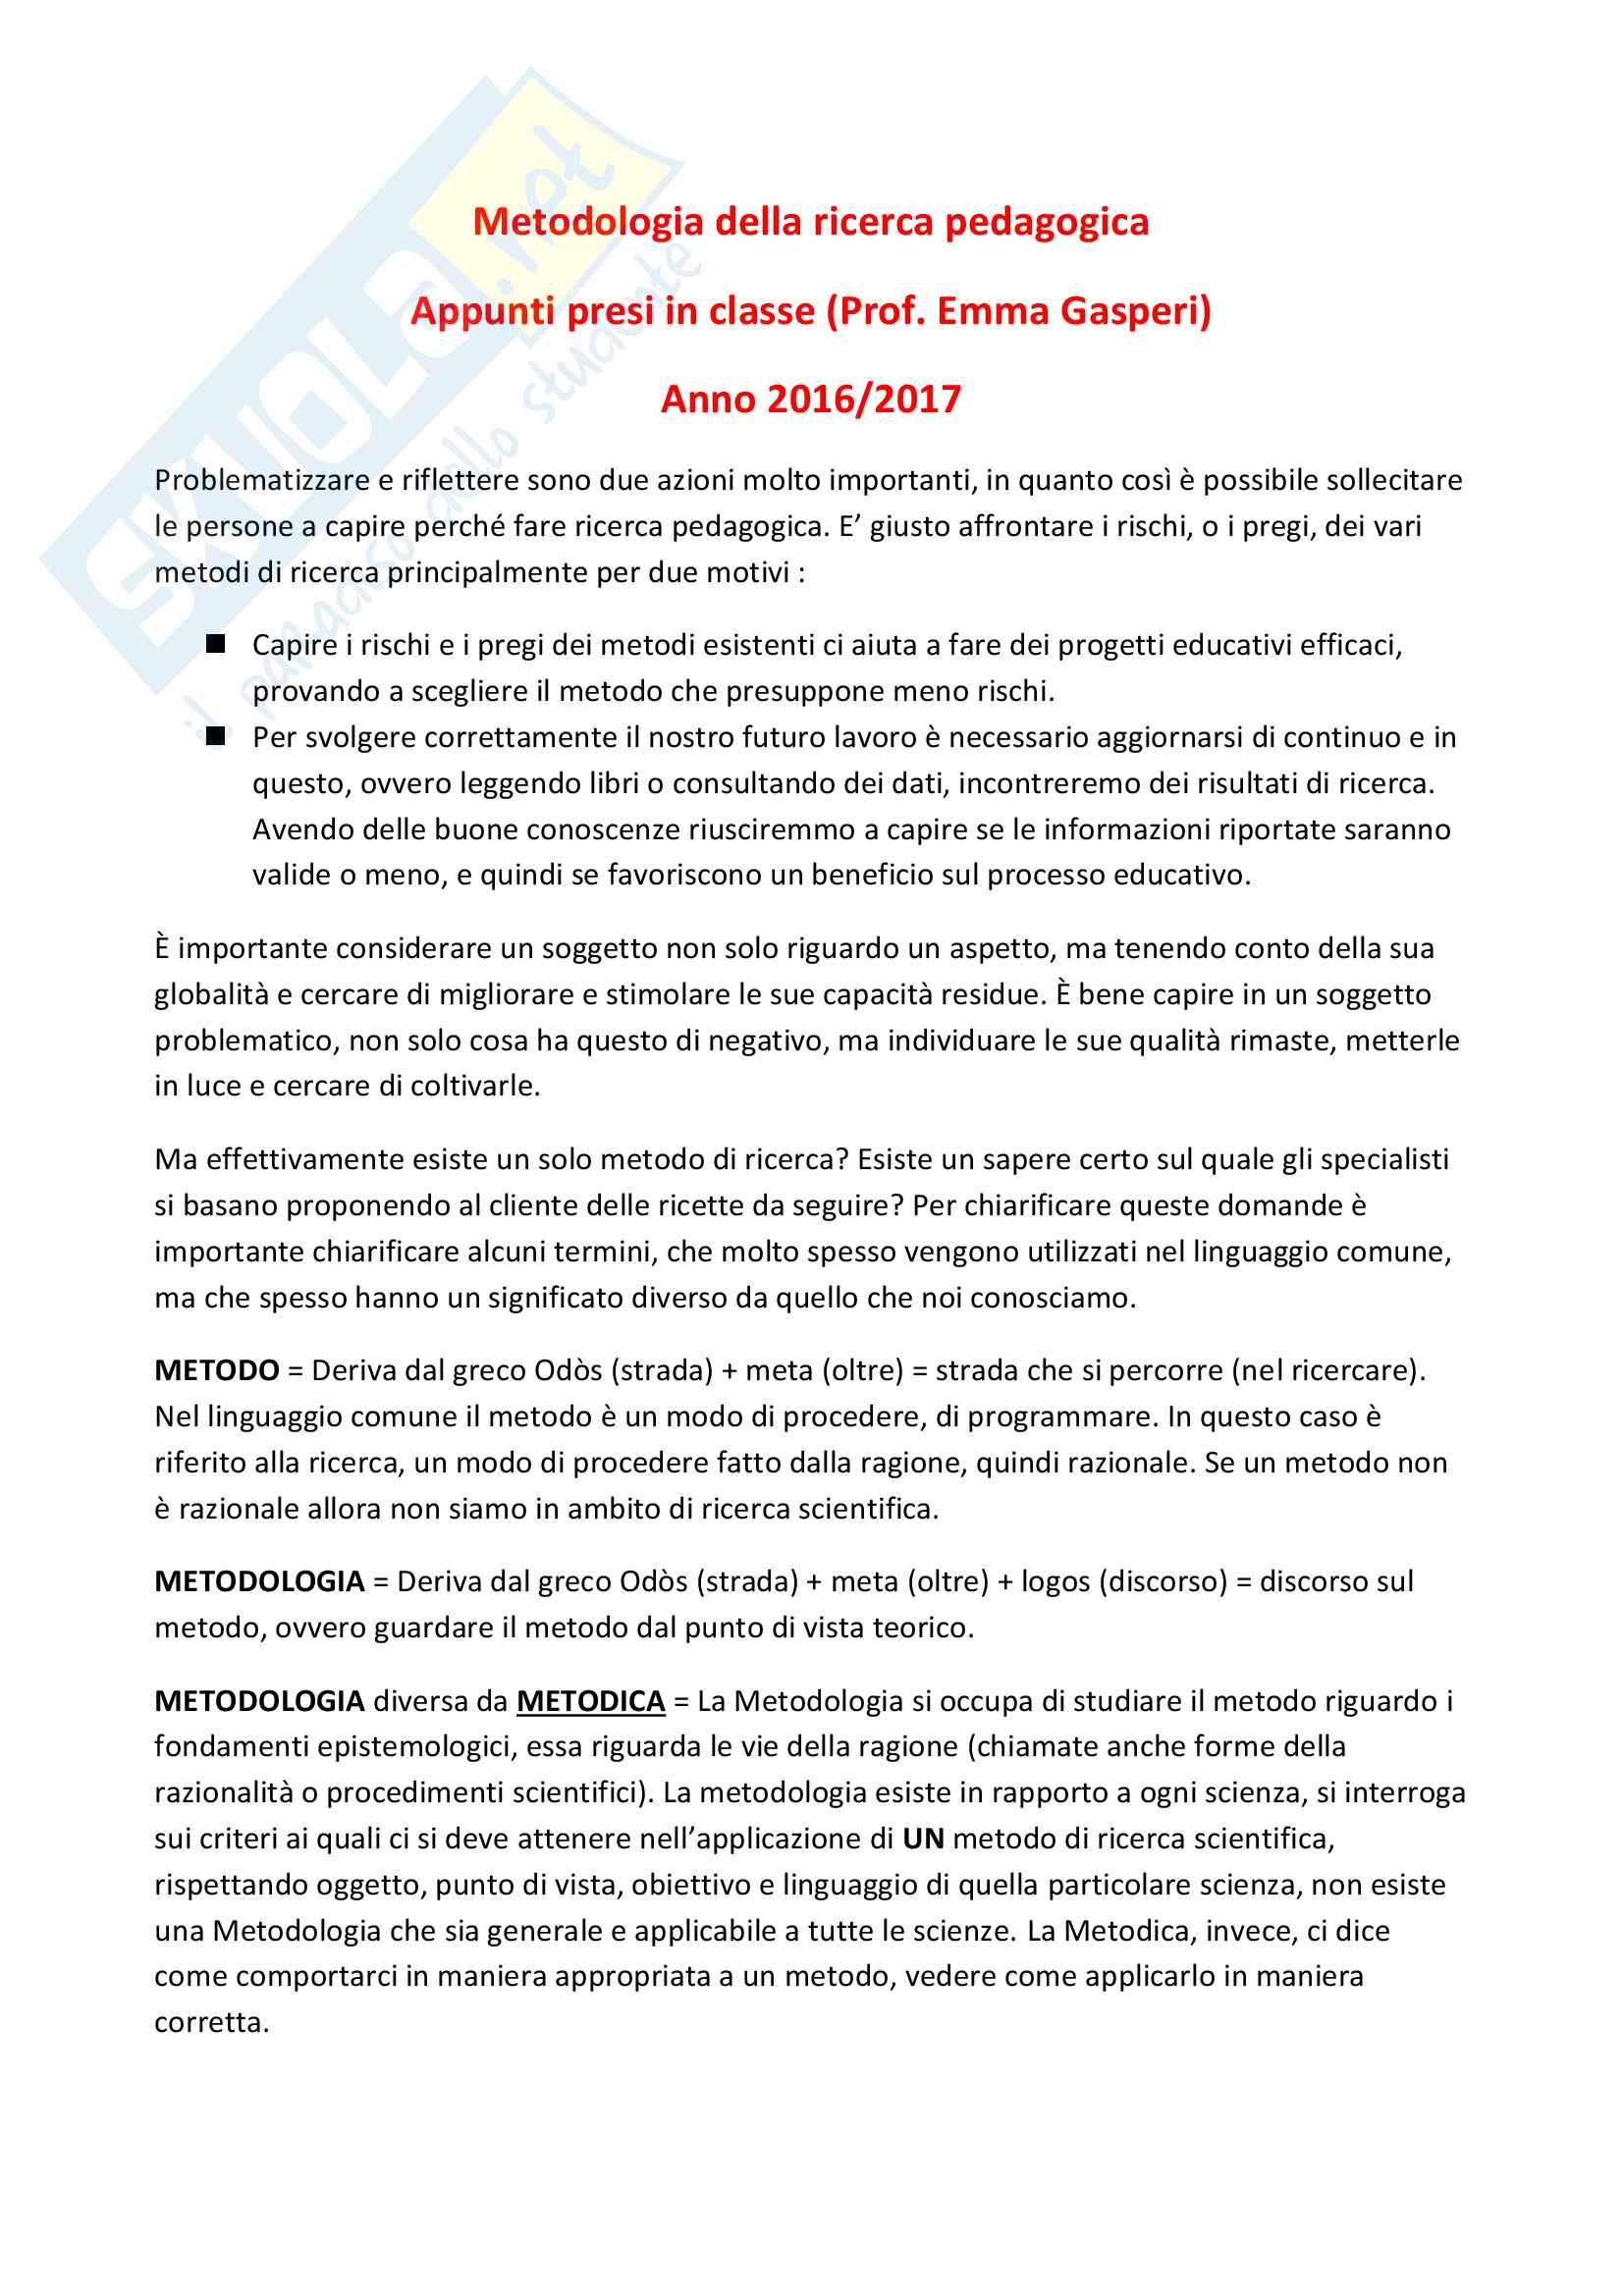 Appunti presi in Aula di Metodologia della ricerca pedagogica - prof. Emma Gasperi